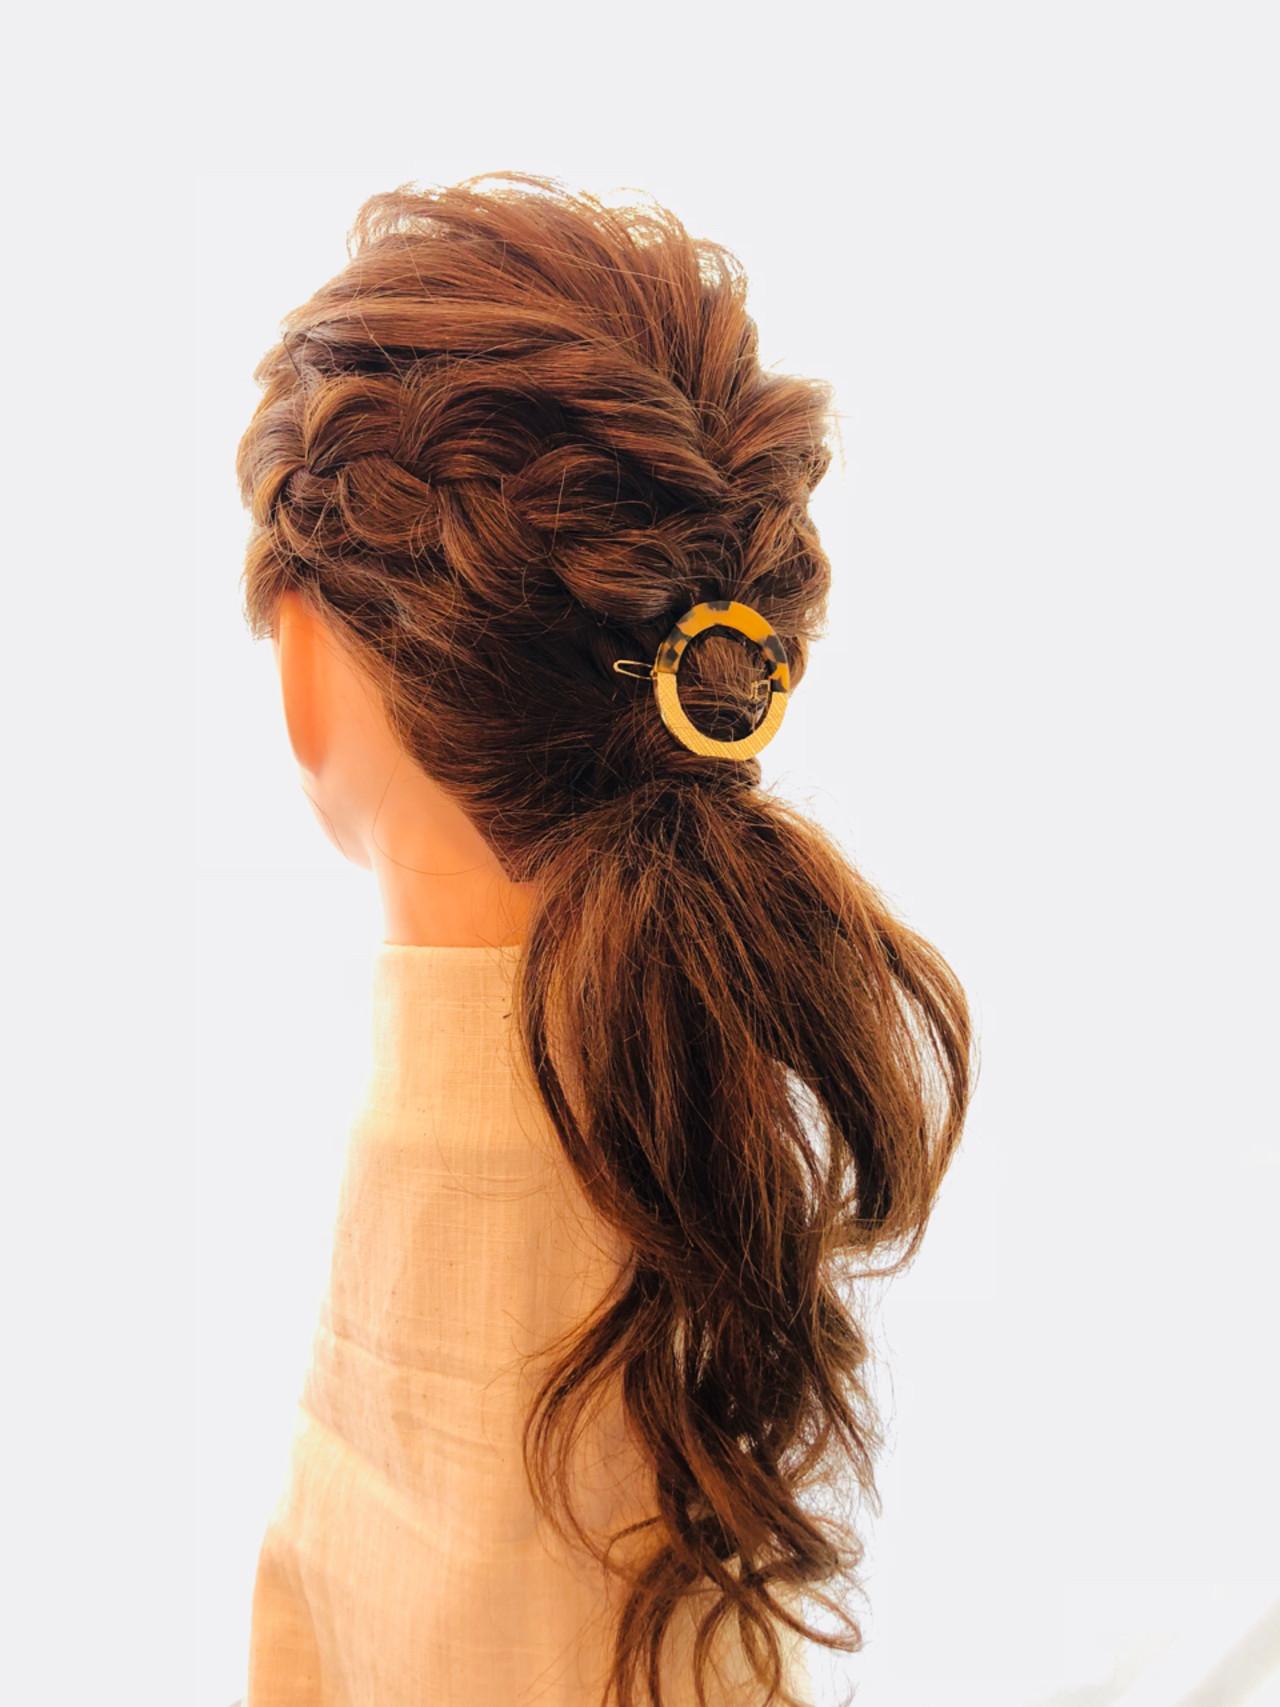 ナチュラル ヘアアレンジ ポニーテール ロング ヘアスタイルや髪型の写真・画像